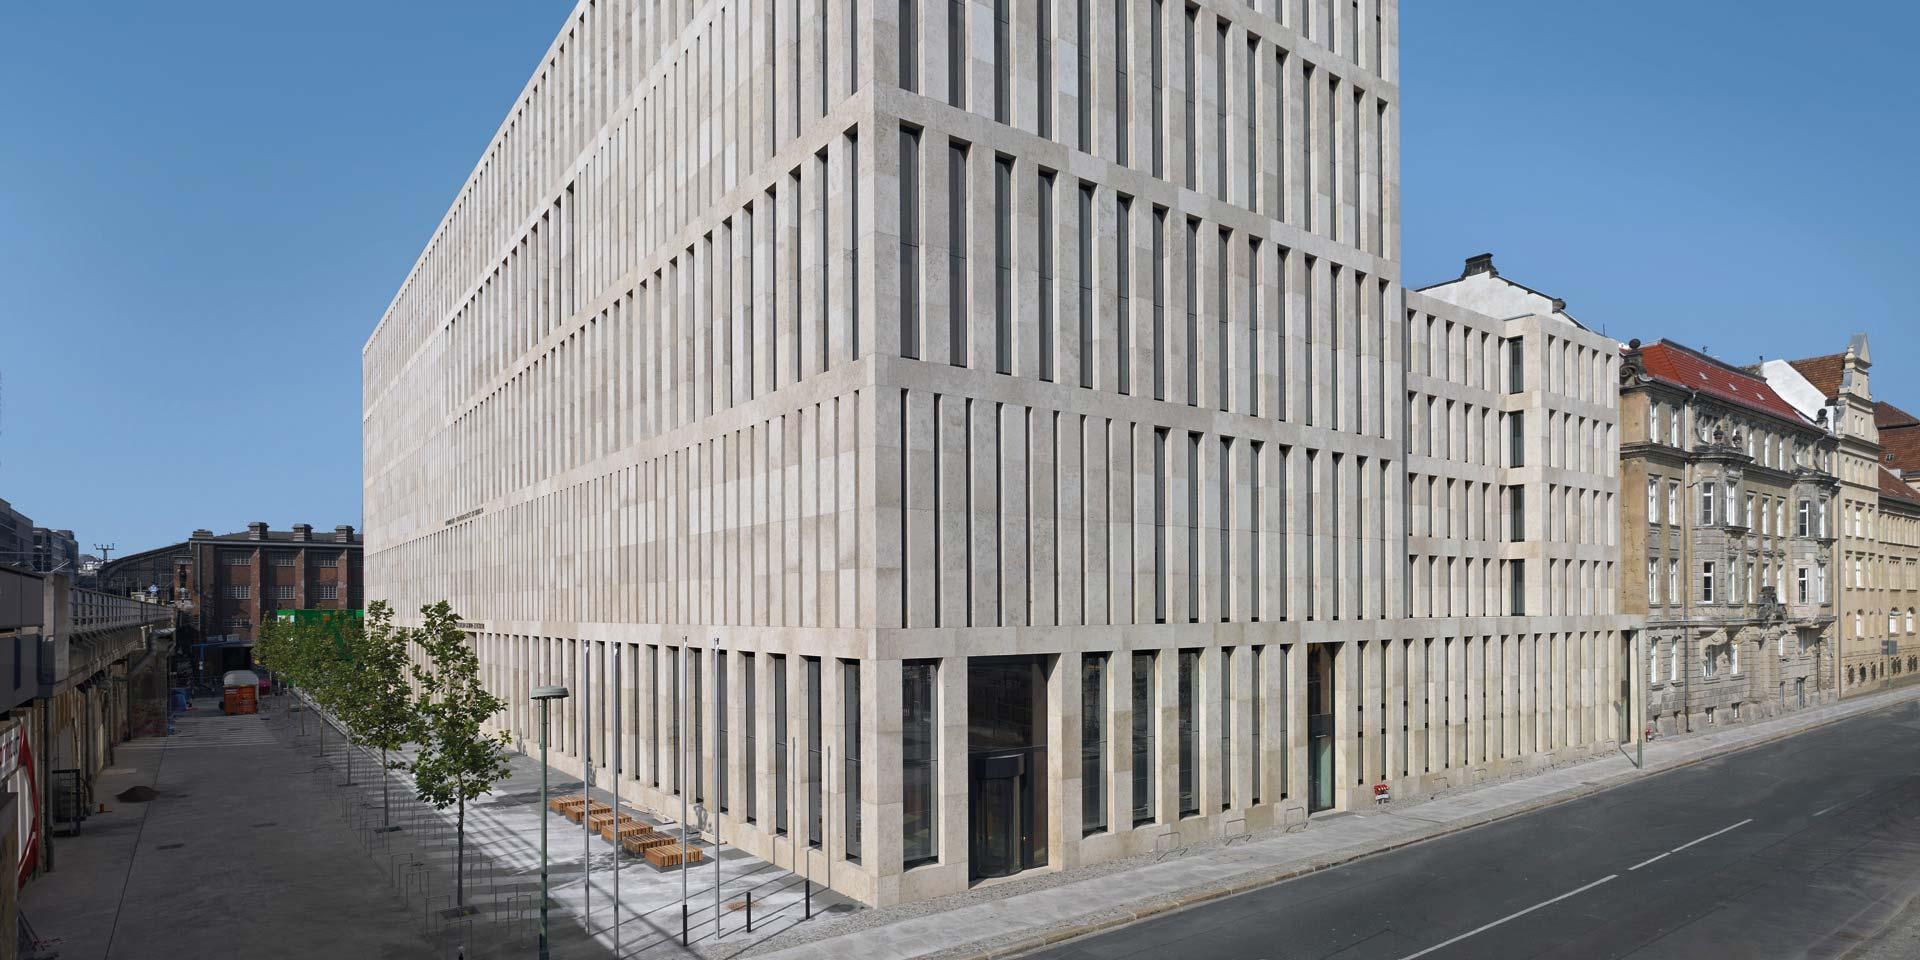 Naturstein Fassade Grimm Bibliothek Berlin